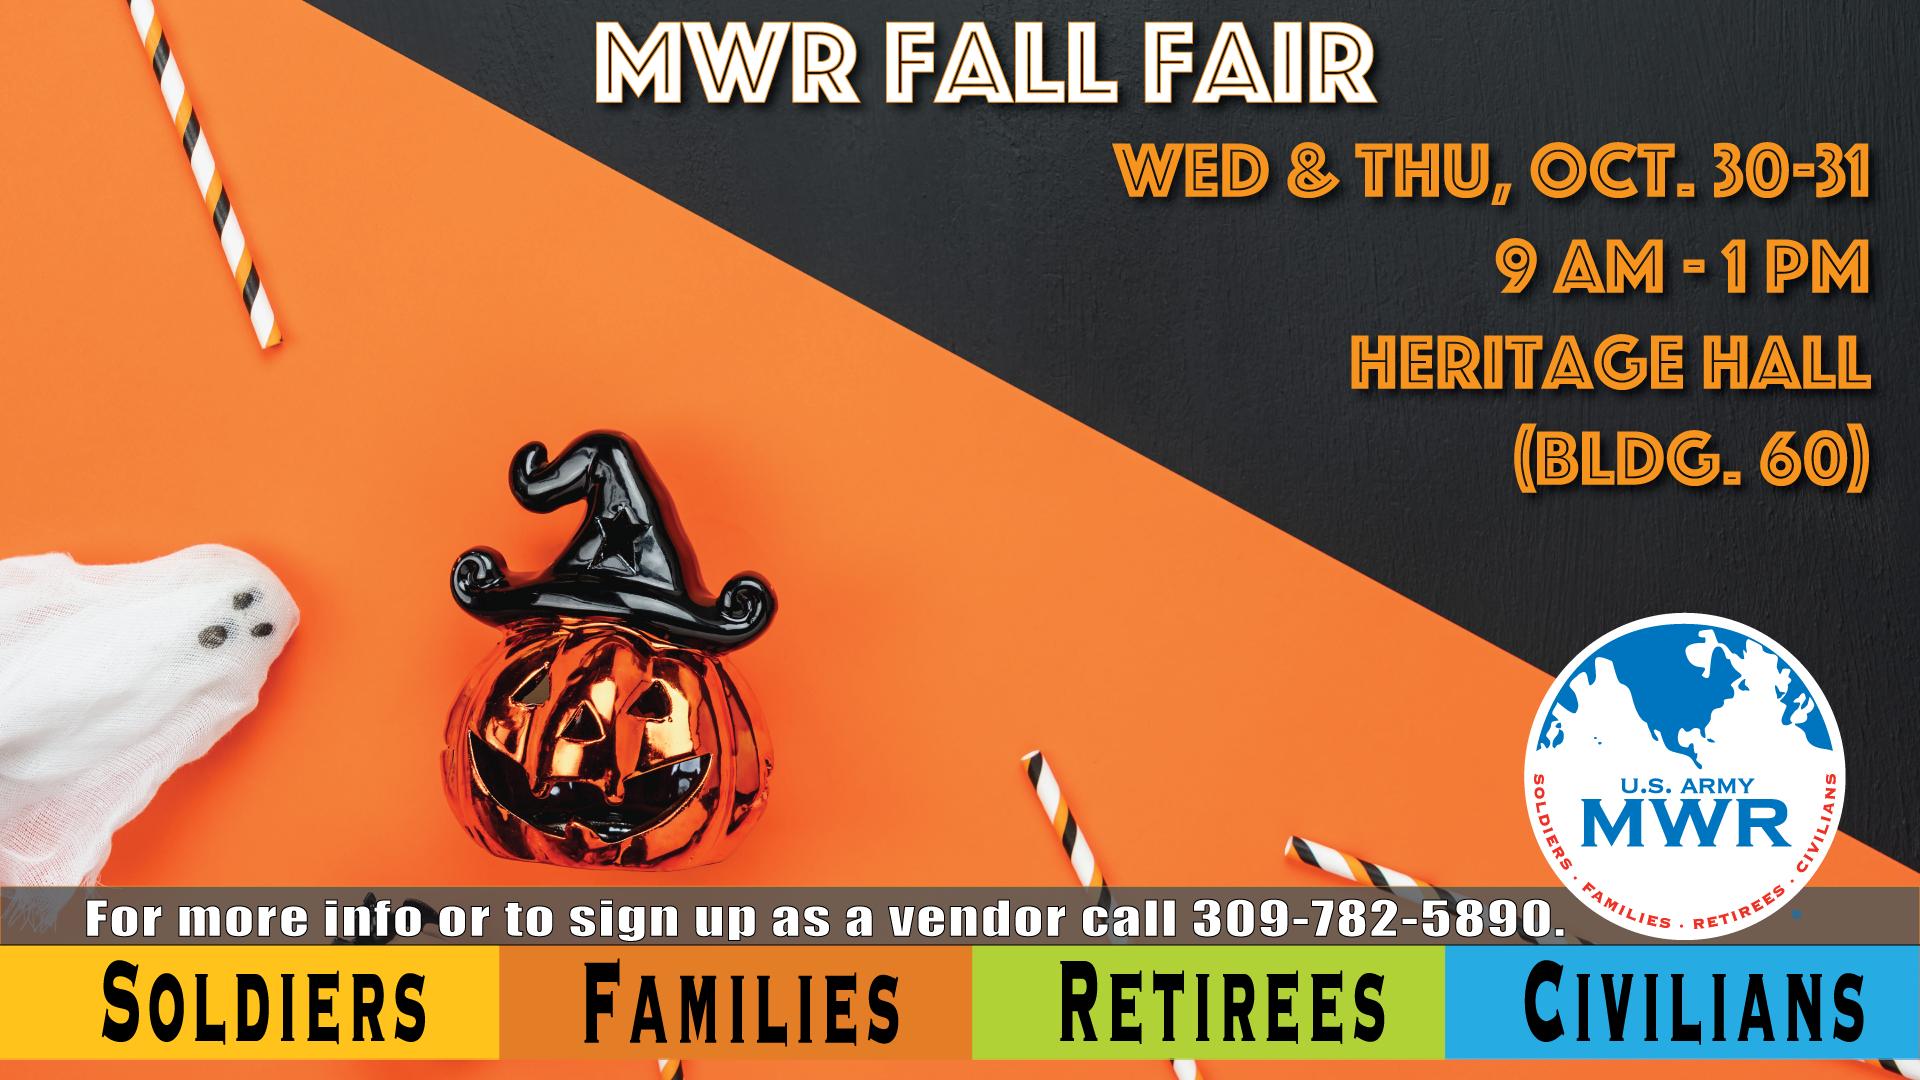 MWR Fall Fair